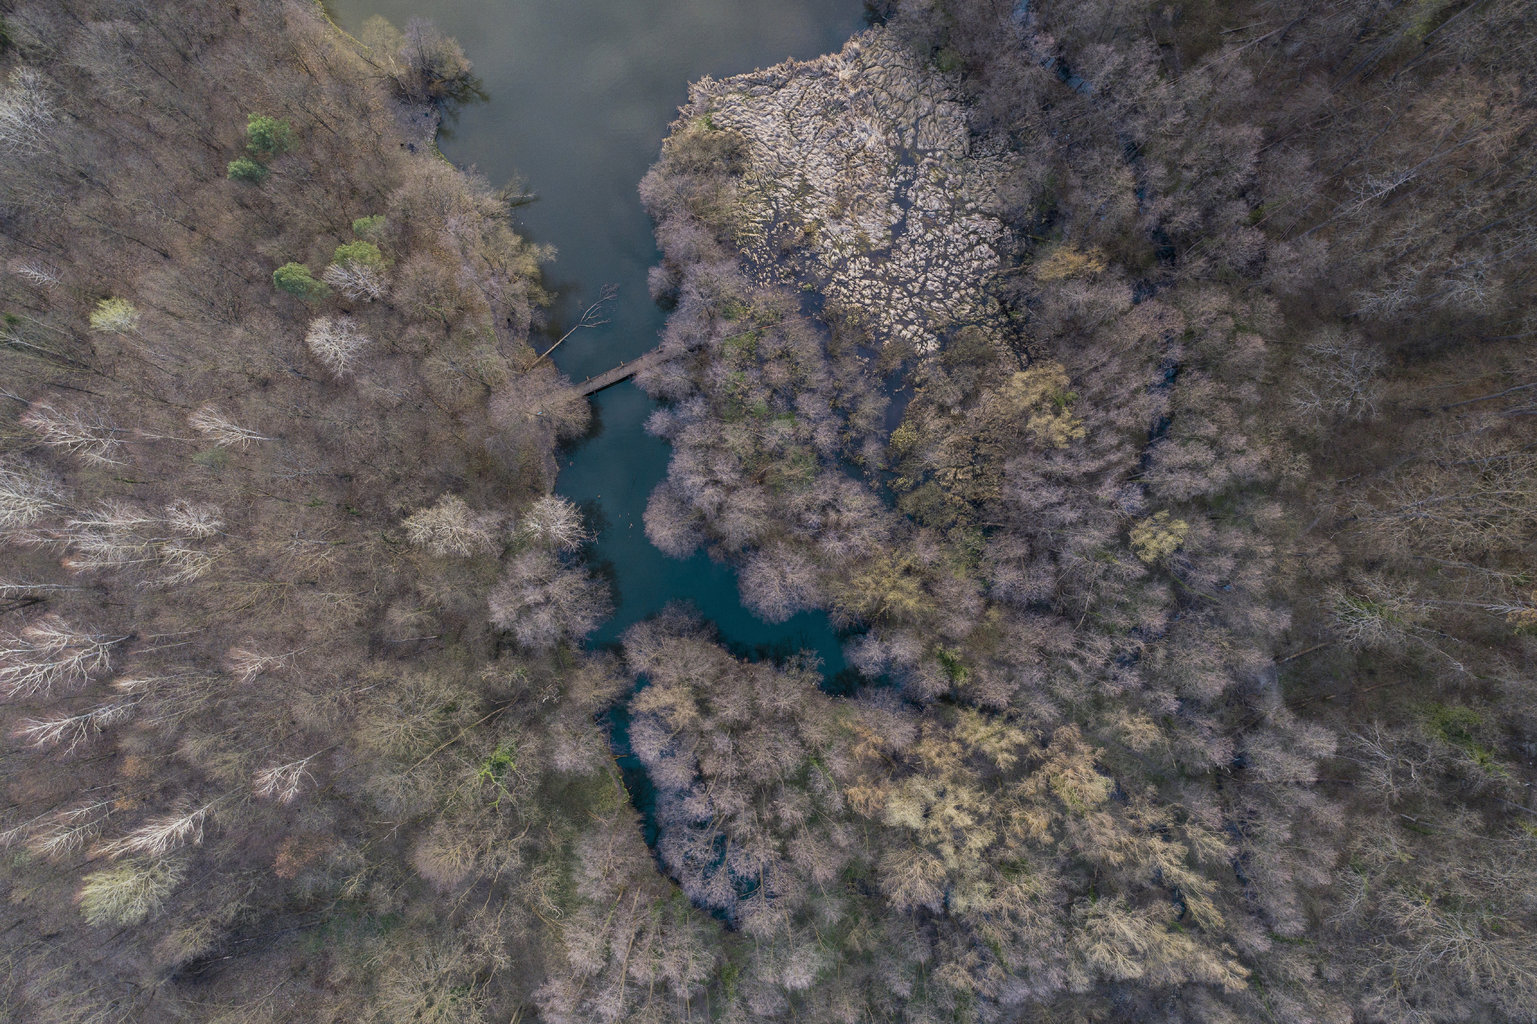 Orfű, 2019. március 20. A Herman Ottó-tó Orfűn 2019. március 20-án. Az ENSZ március 22-ét nyilvánította a víz világnapjává, amelynek célja a környezet és ezen belül a Föld vízkészletének védelme. MTI/Sóki Tamás